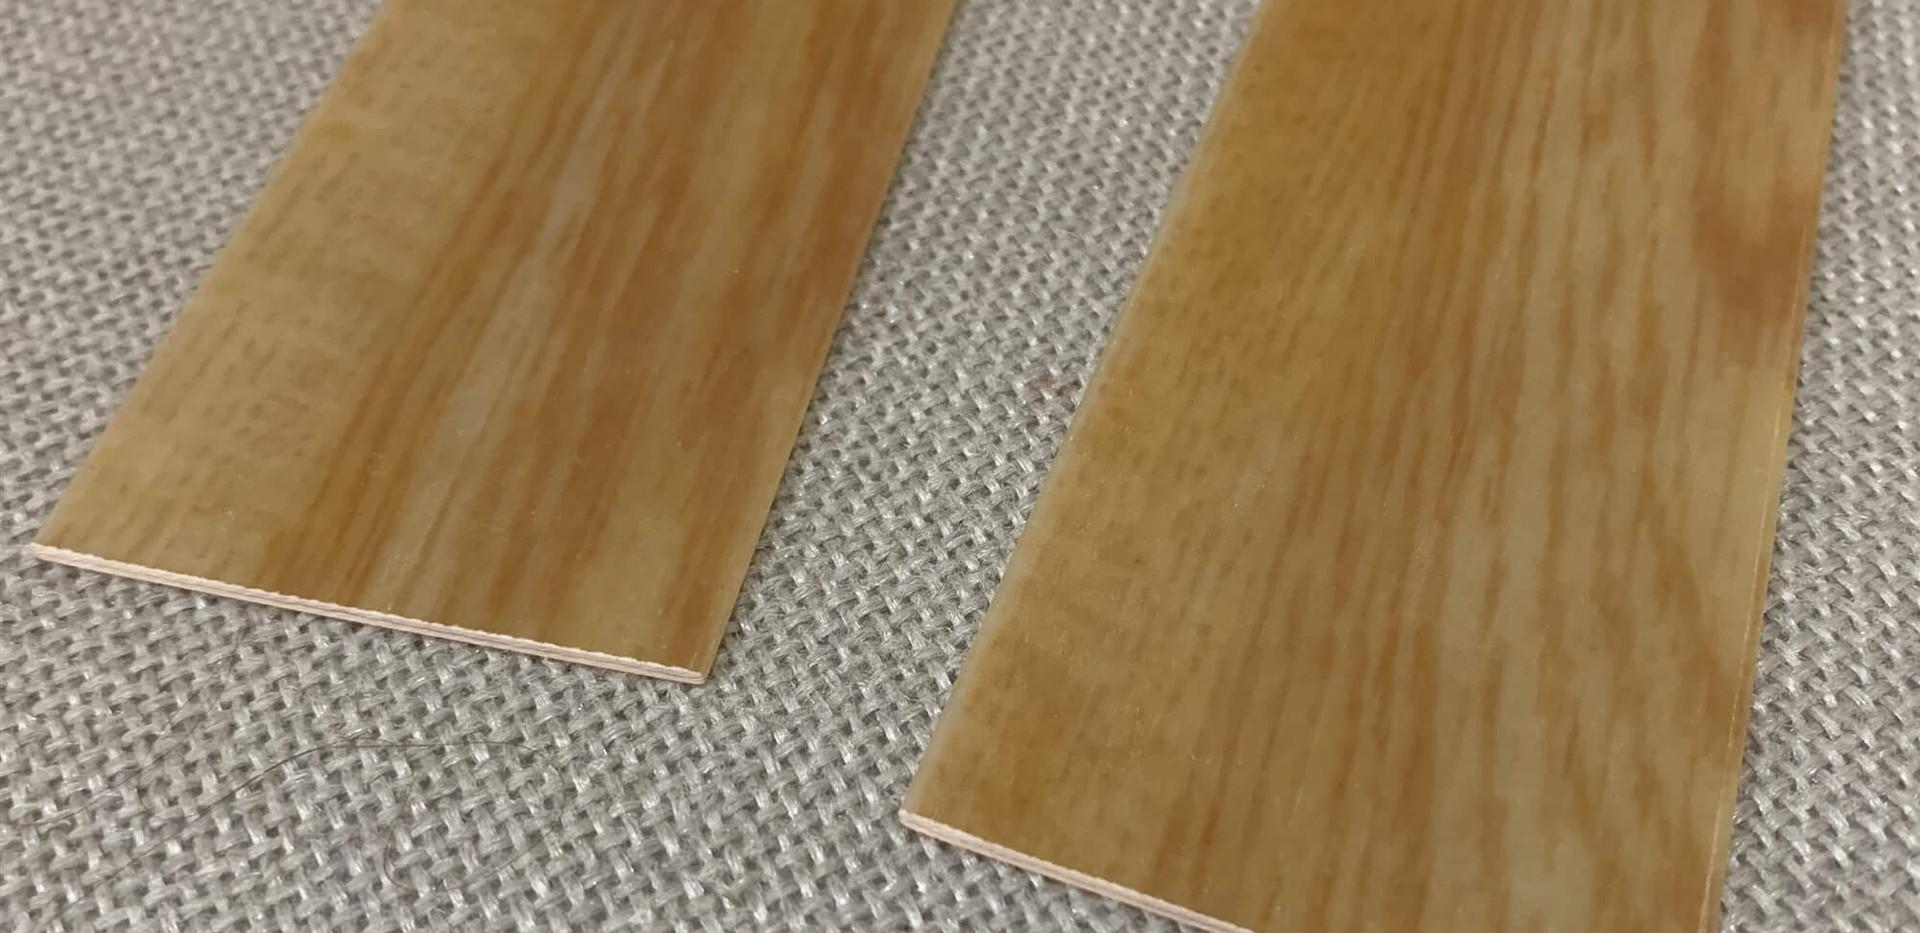 Woonden weave fiberglass bow limb.jpg